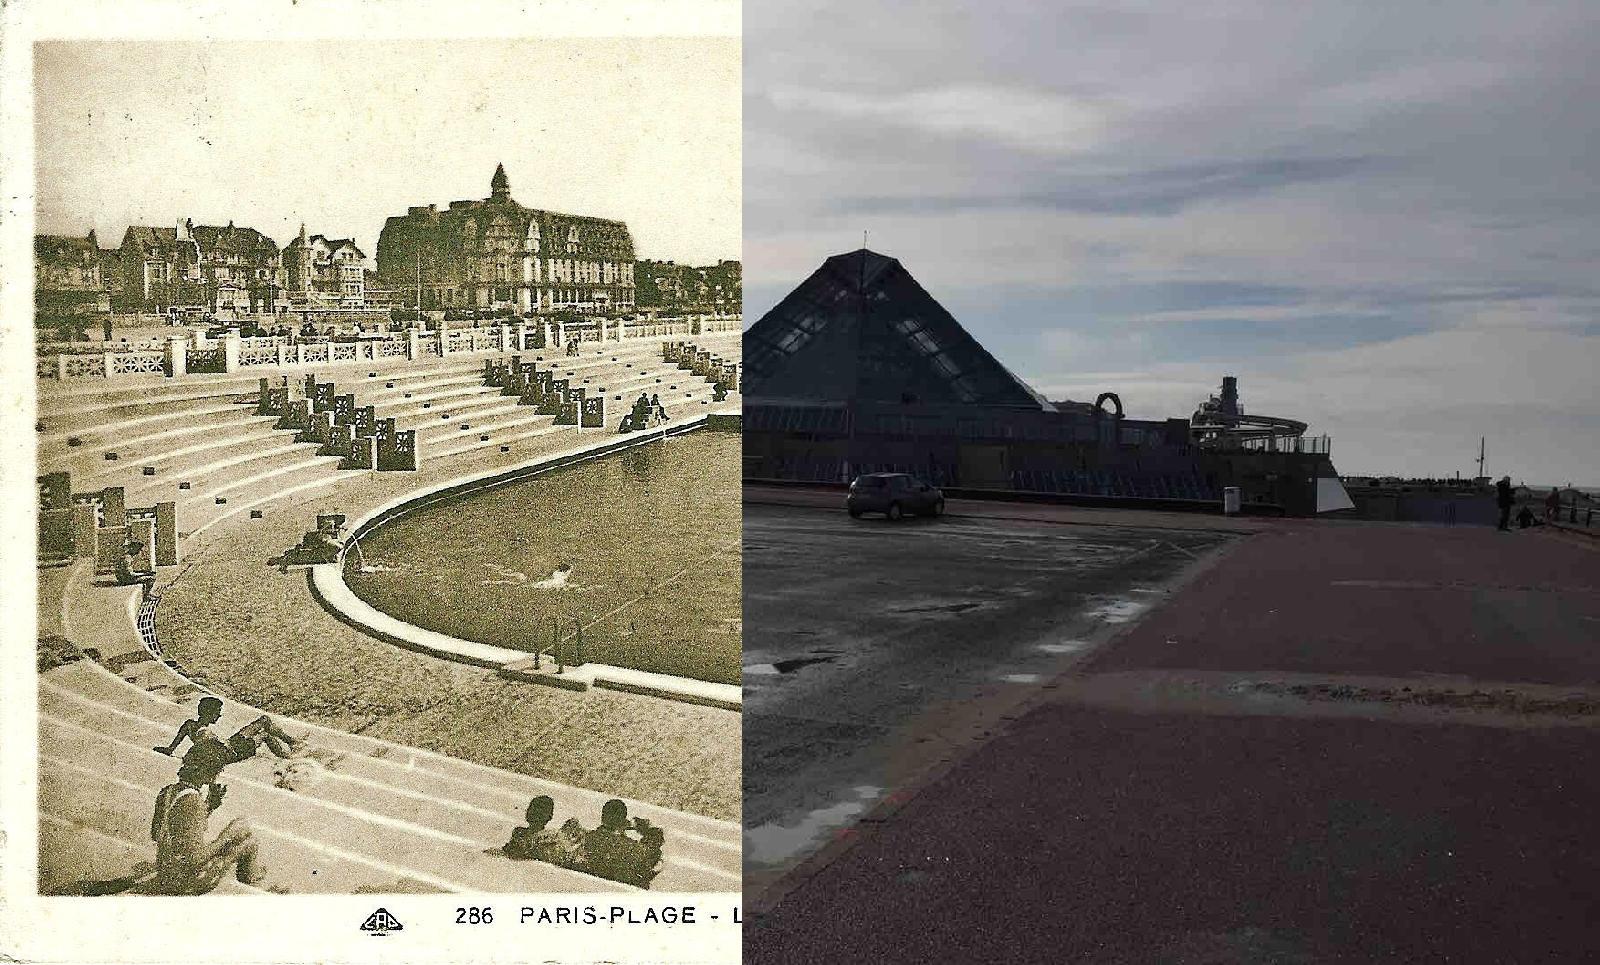 Le Touquet-Paris-Plage - Paris-Plage- La piscine Marine ( Art Déco) Le Bassin- Architecte André Bérard, inaugurée en 1931